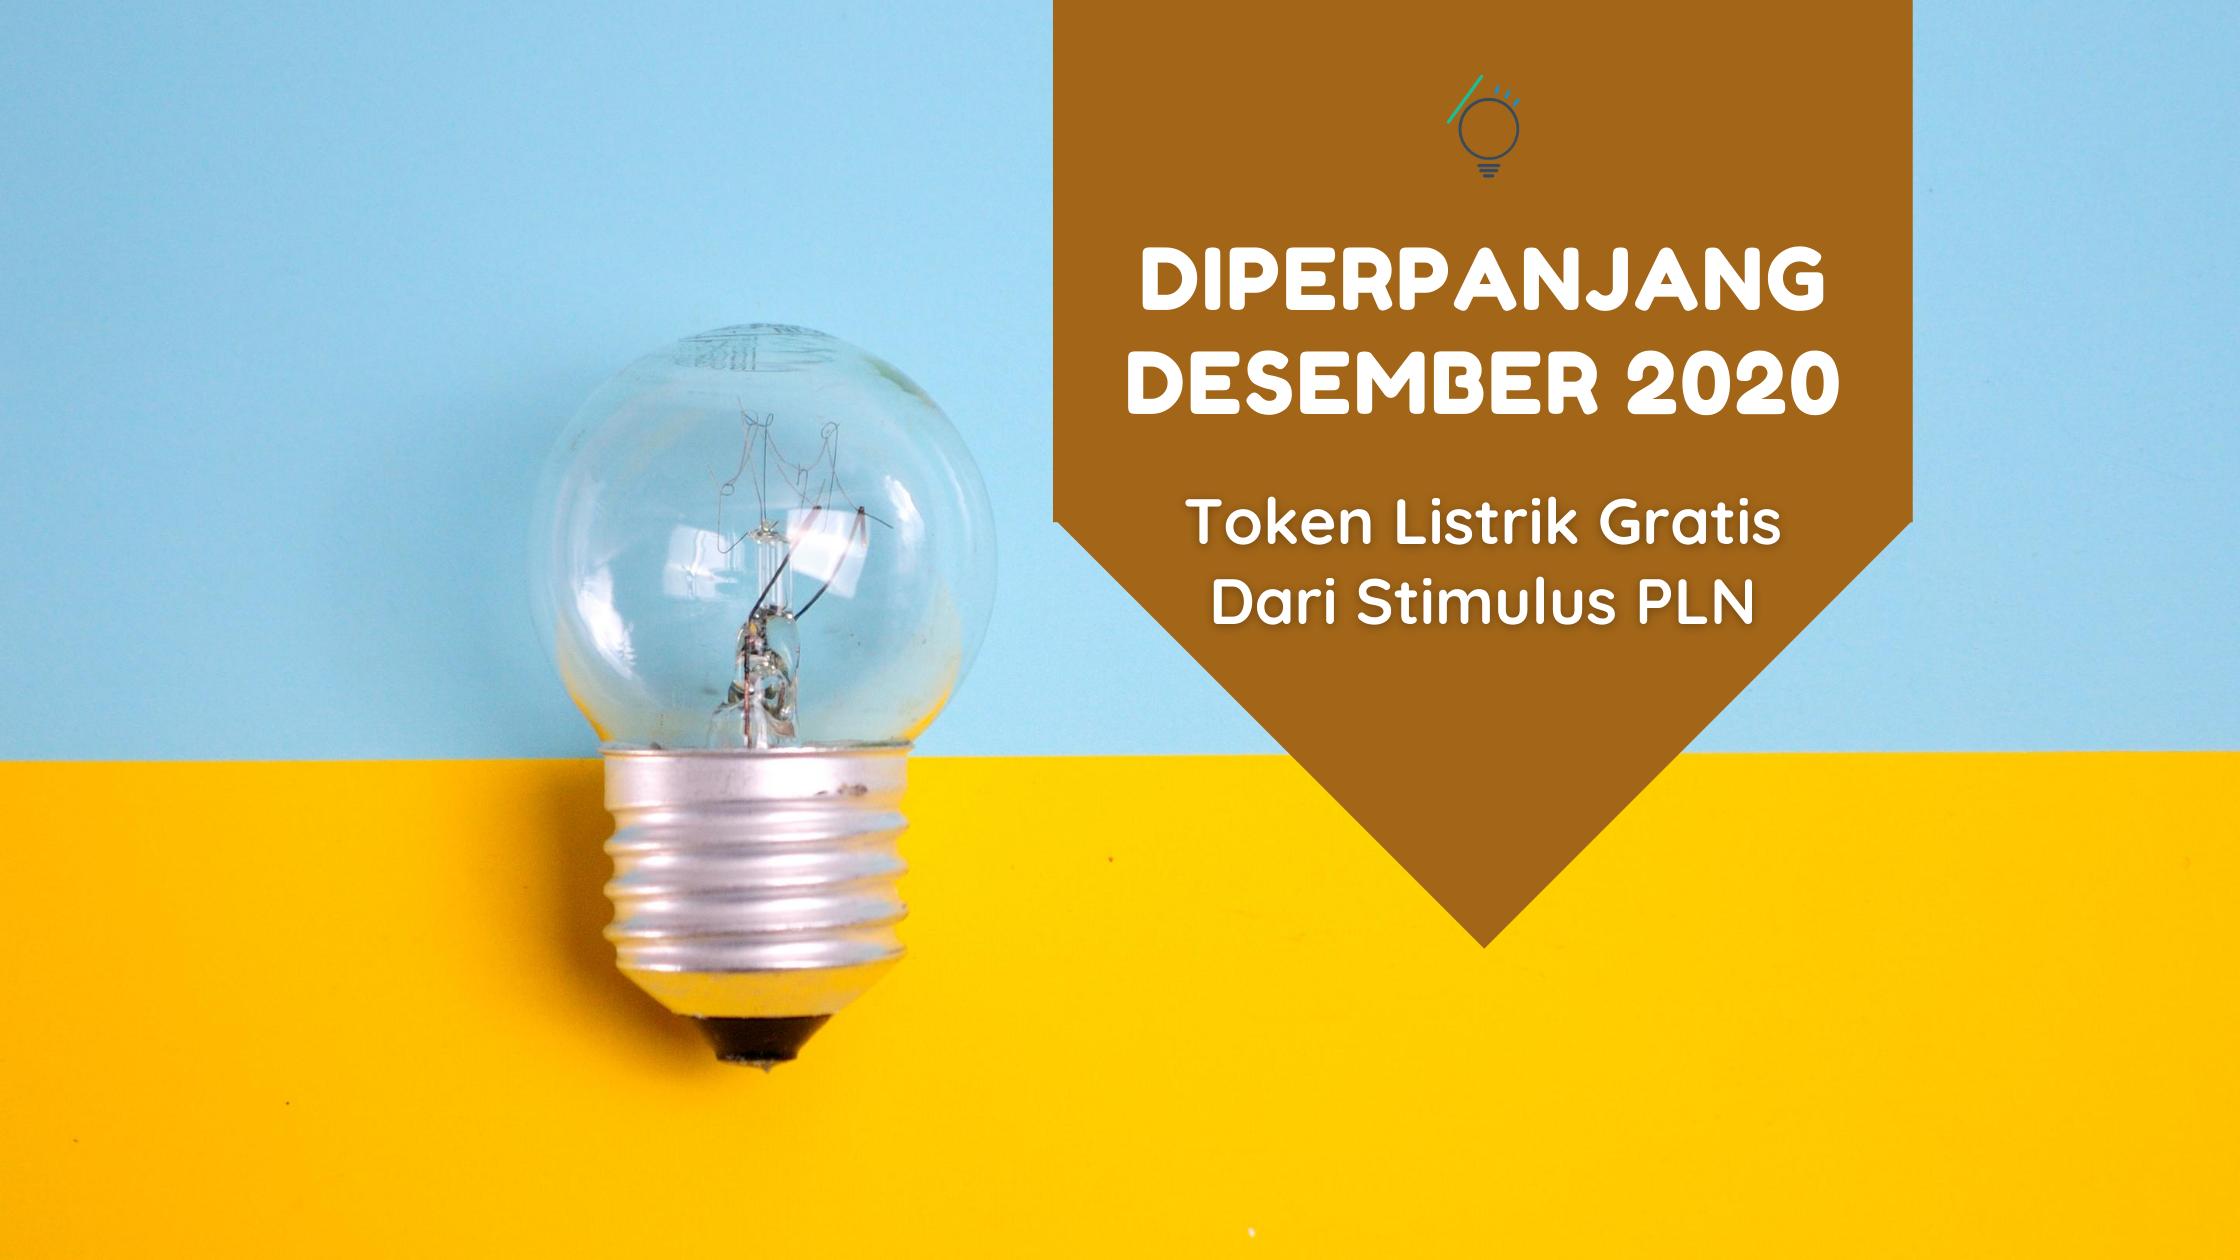 Stimulus pln.co.id Diperpanjang Hingga Desember 2020, Begini Cara Daftar Token Listrik Gratis